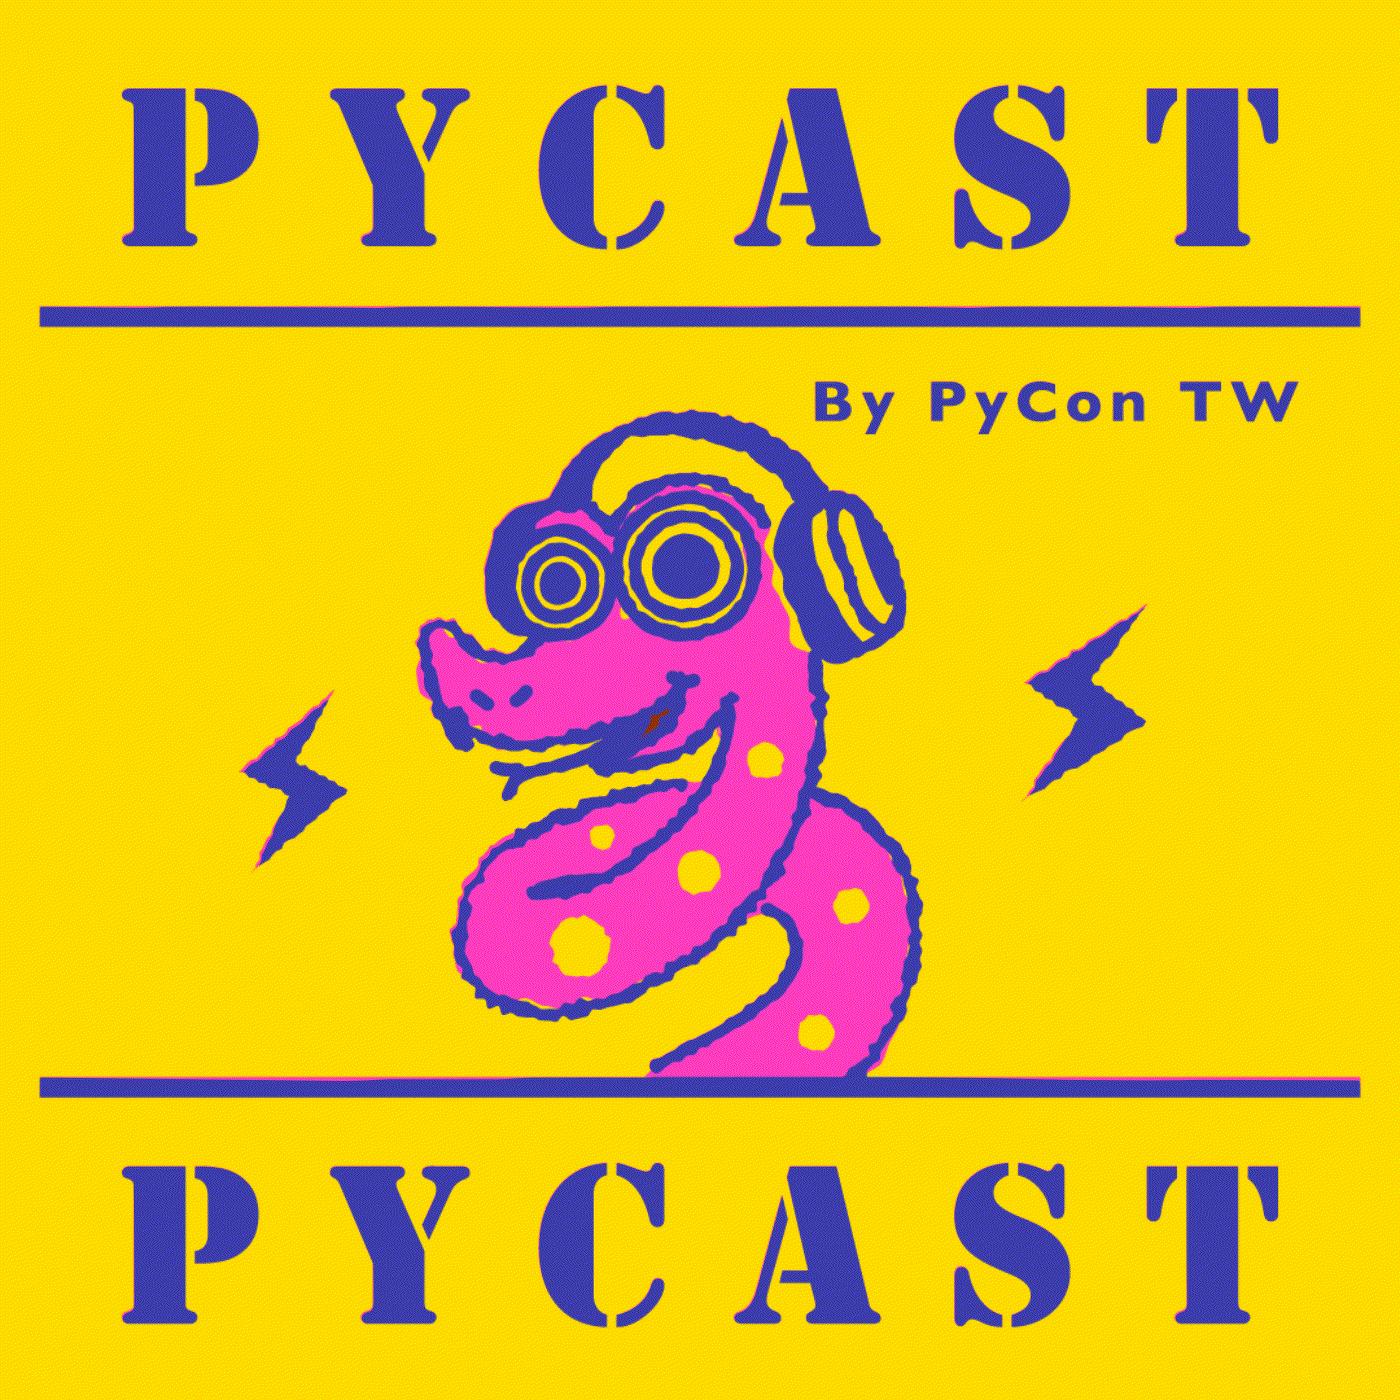 PyCast